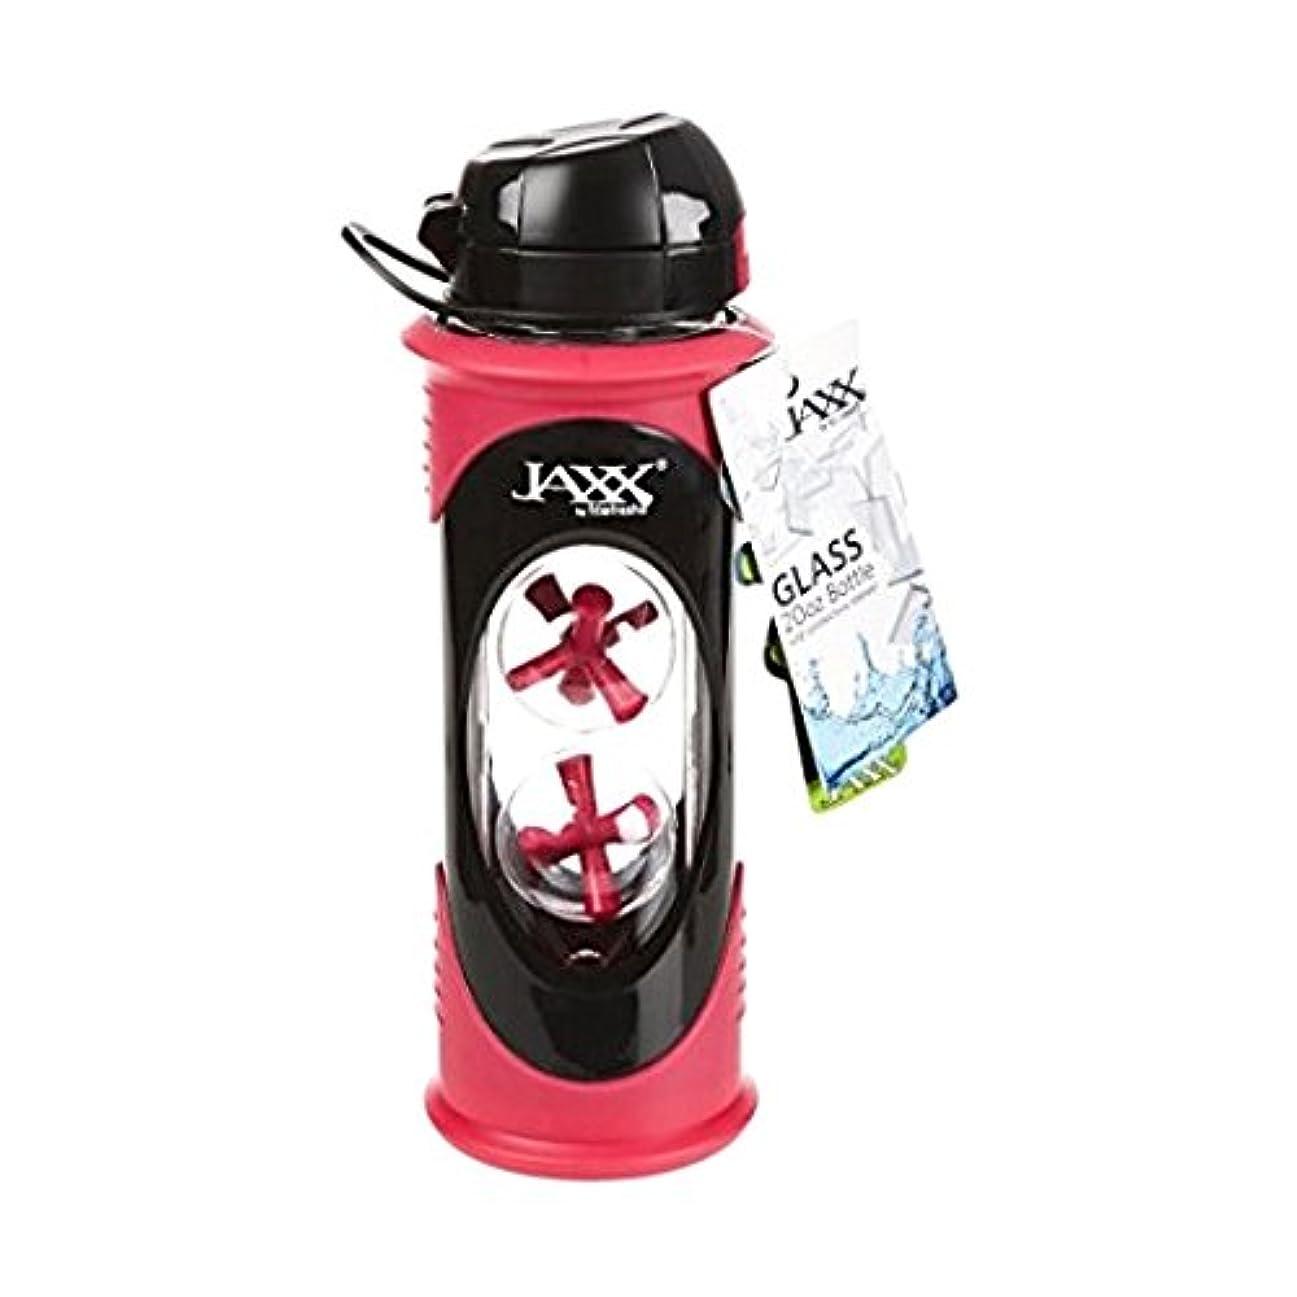 事実子供達ボトルFit & Fresh Jaxx Glass Bottle, 20 oz, Pink by Fit & Fresh